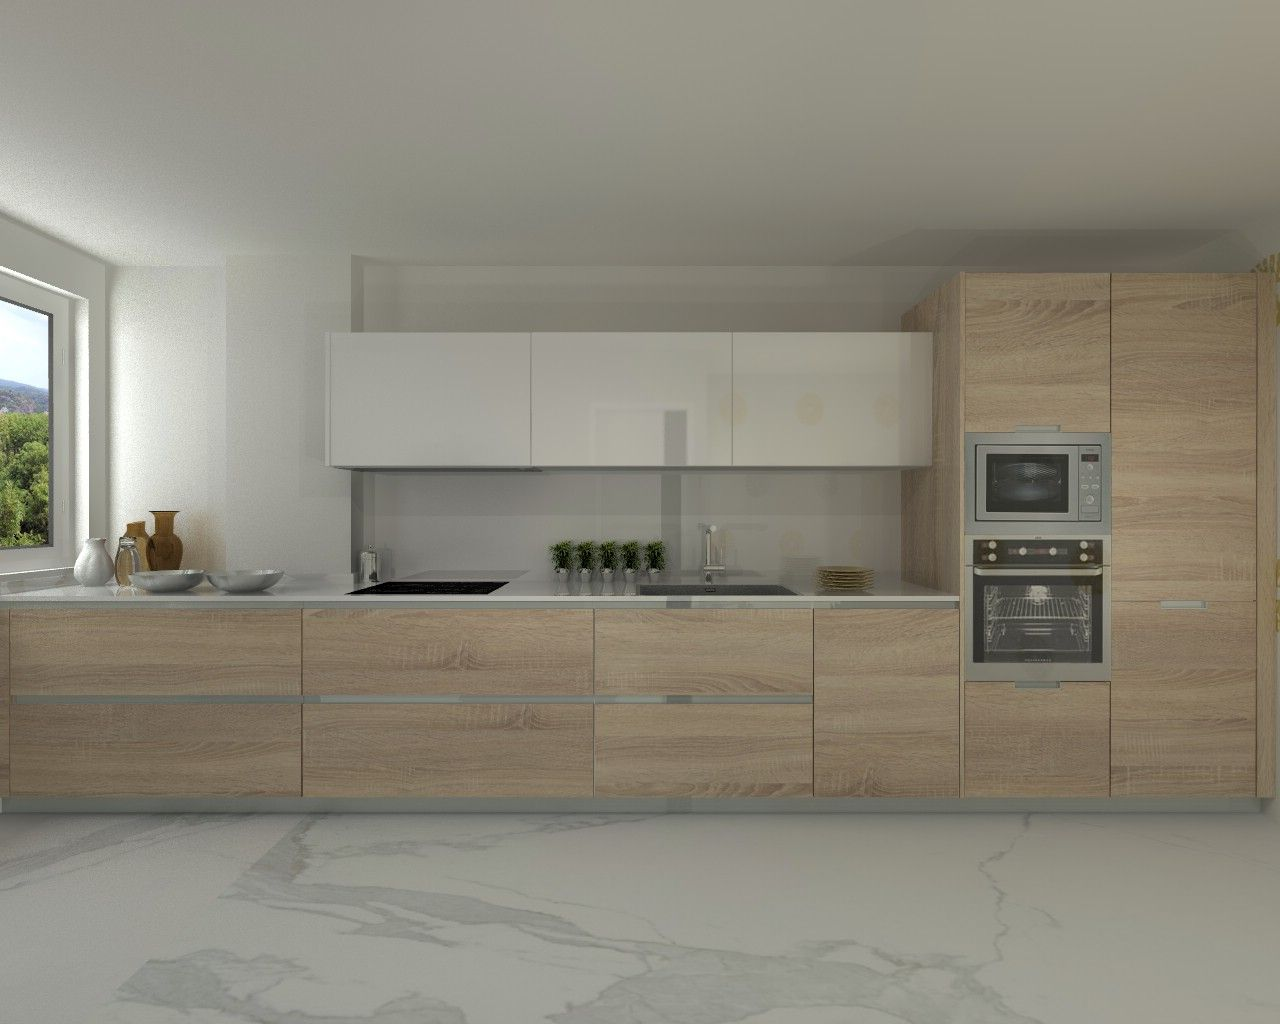 Kitchen cabinet style | cocina linda | Pinterest | Modelo, Cocinas y ...